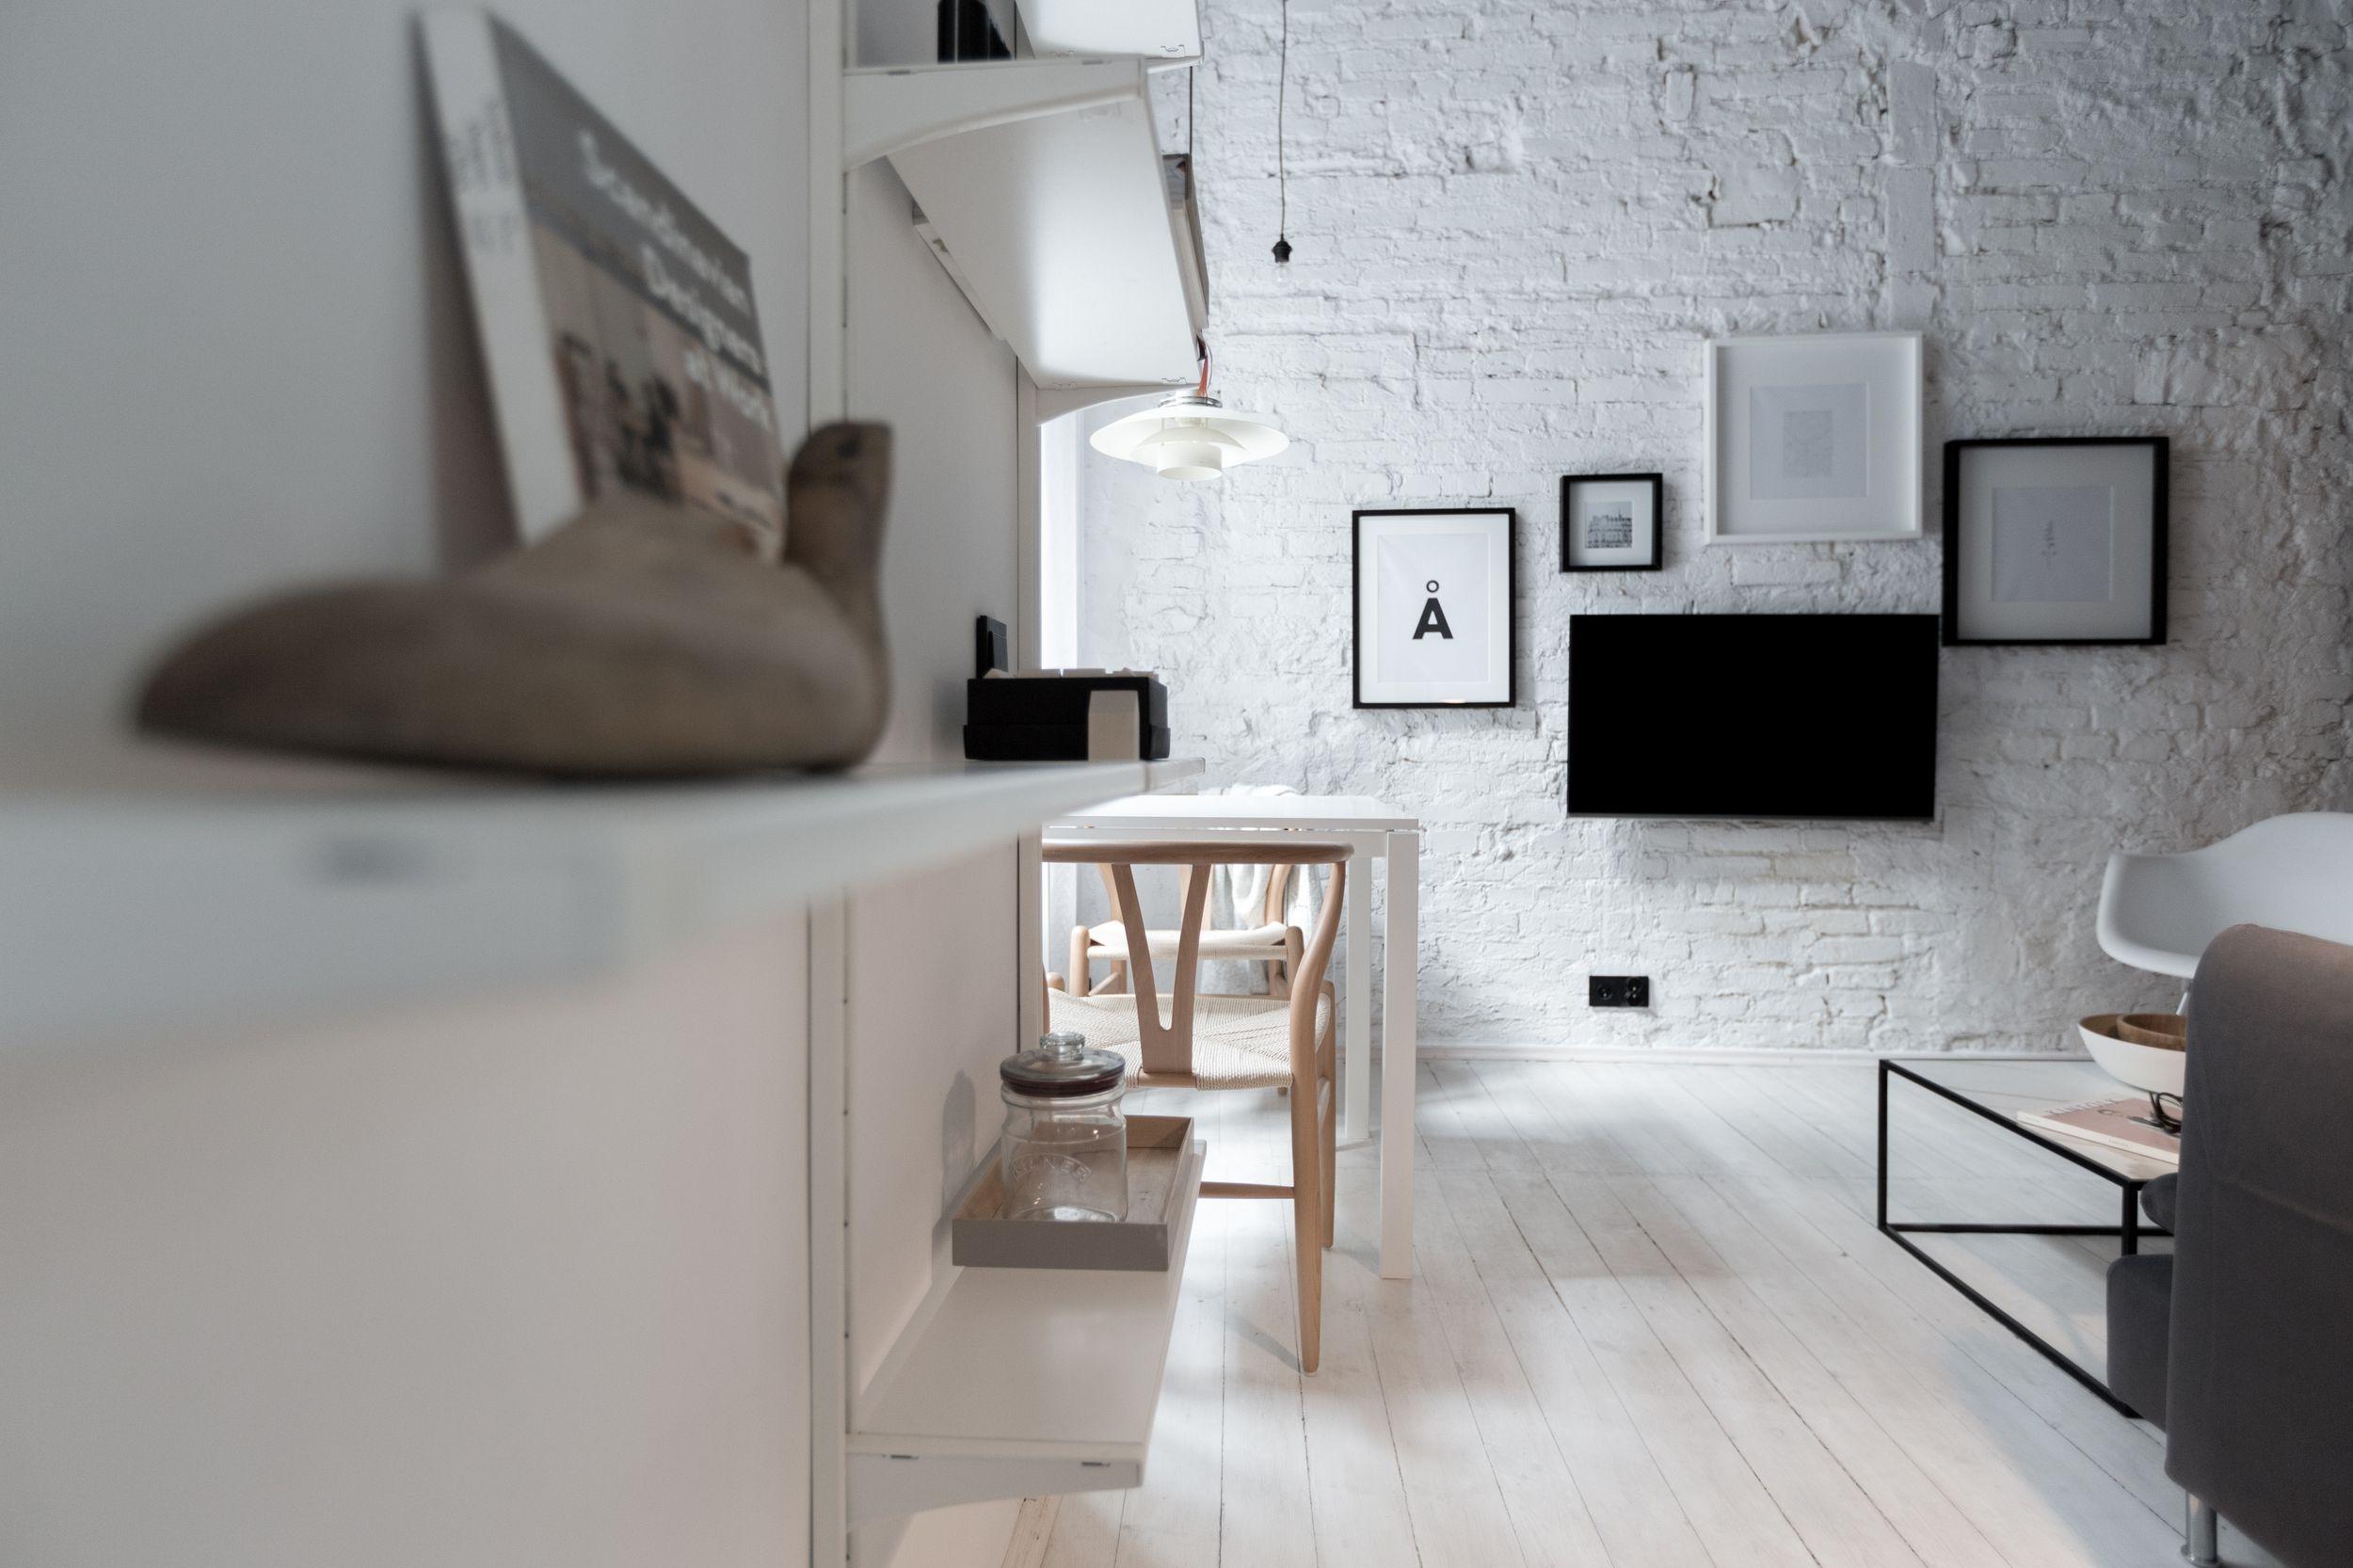 Biała cegła na ścianie w salonie z galerią ścienną